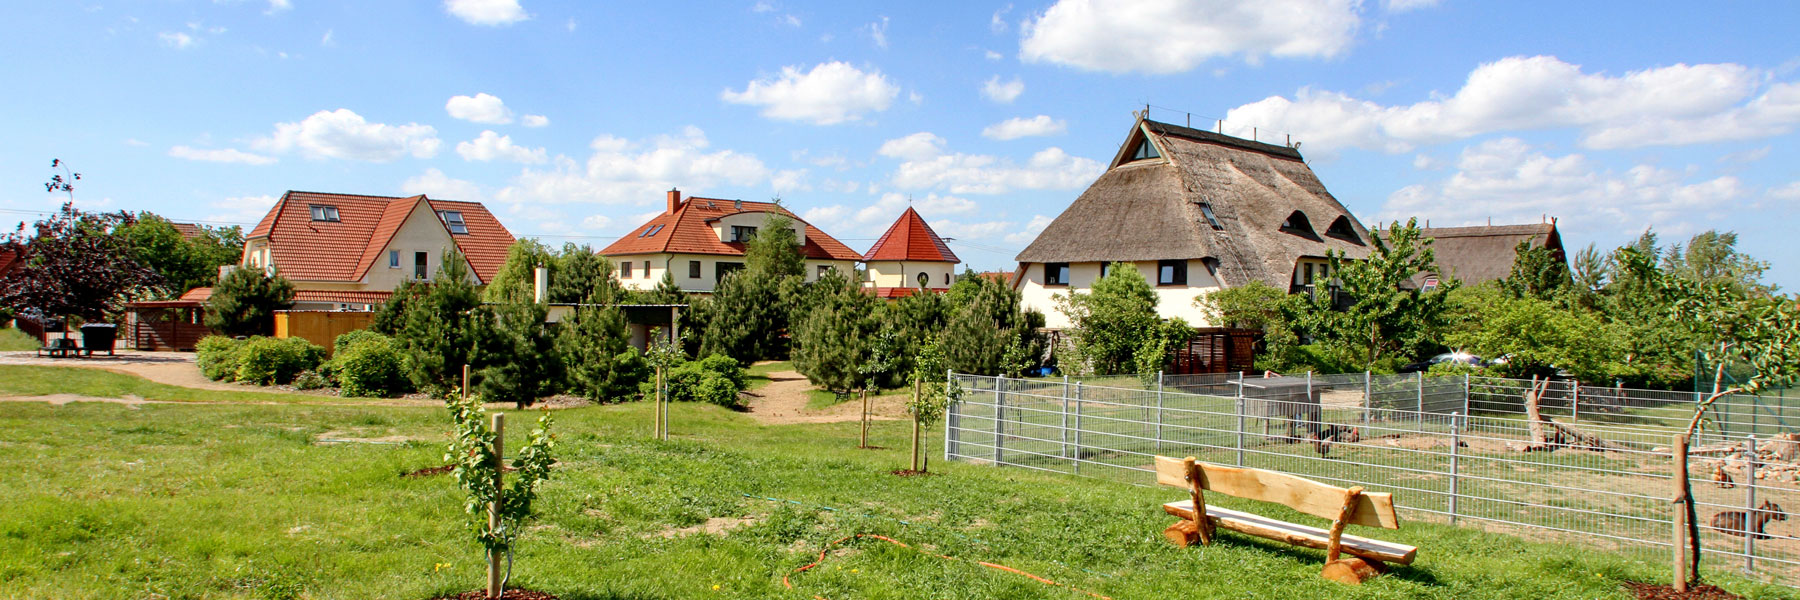 Hotelanlage - Kur- und Landhotel Borstel-Treff